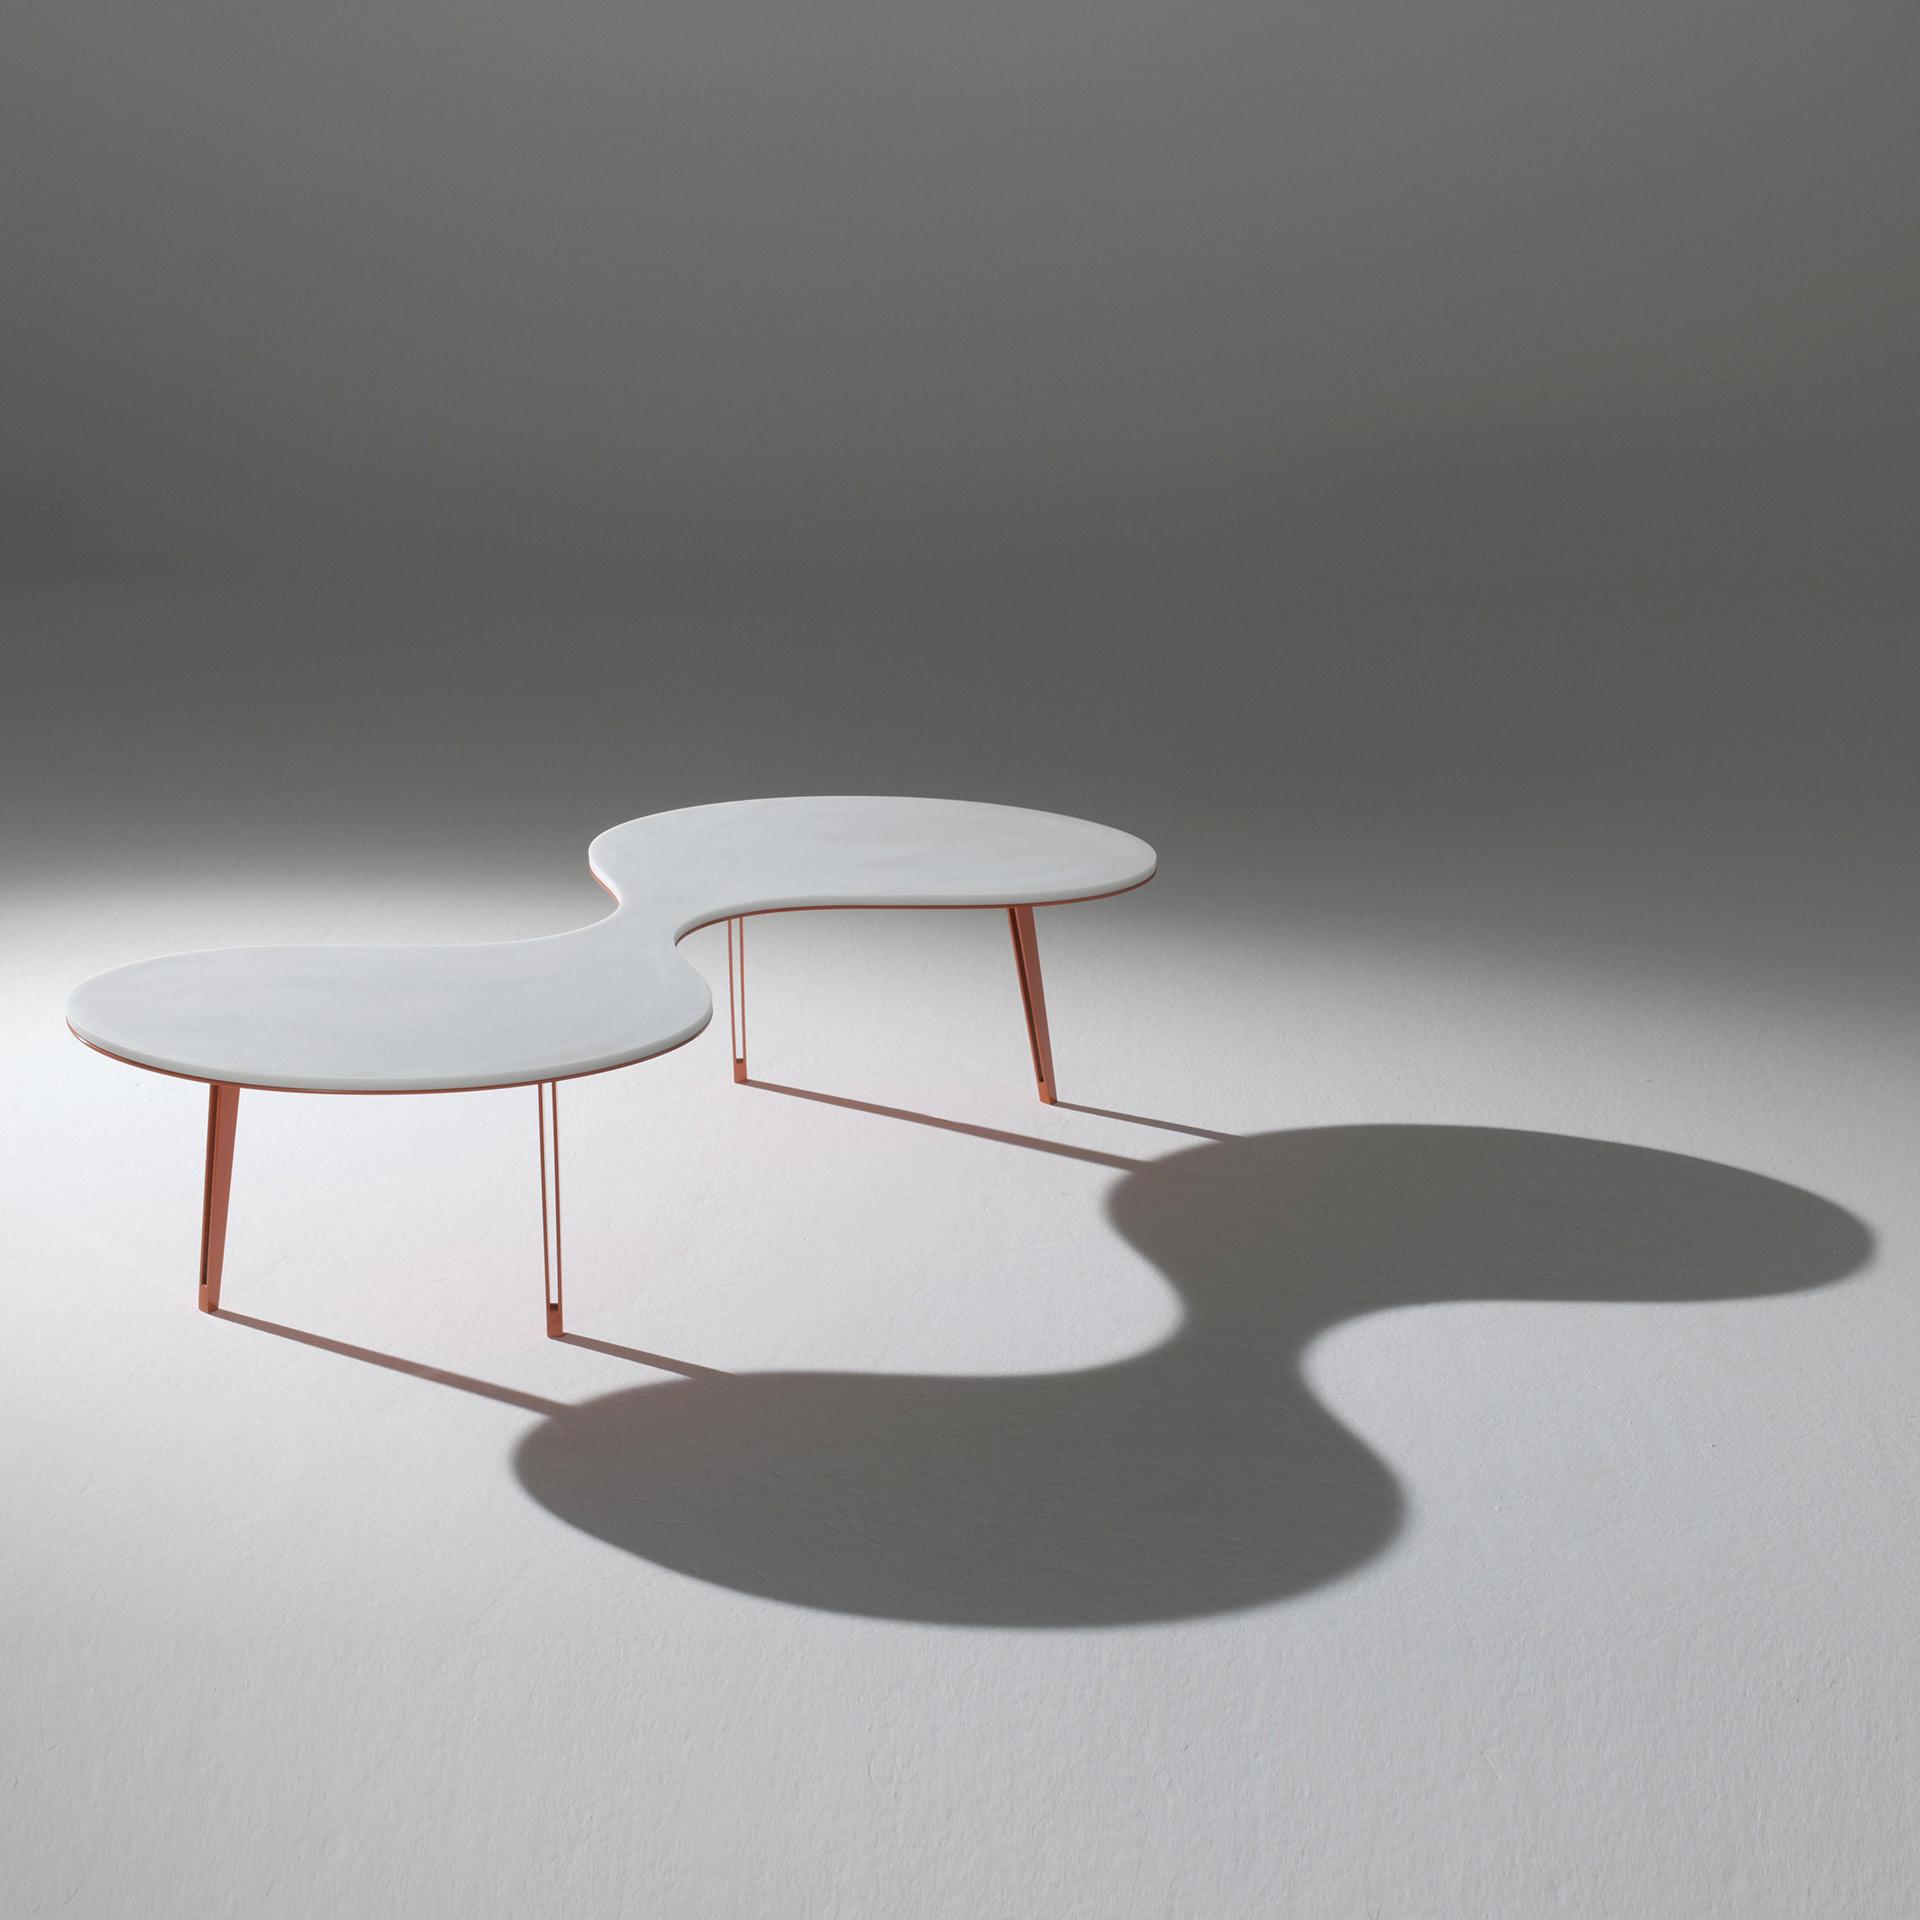 art furniture cells genesis mobile artistico contemporaneo disegnato da Luca Casini